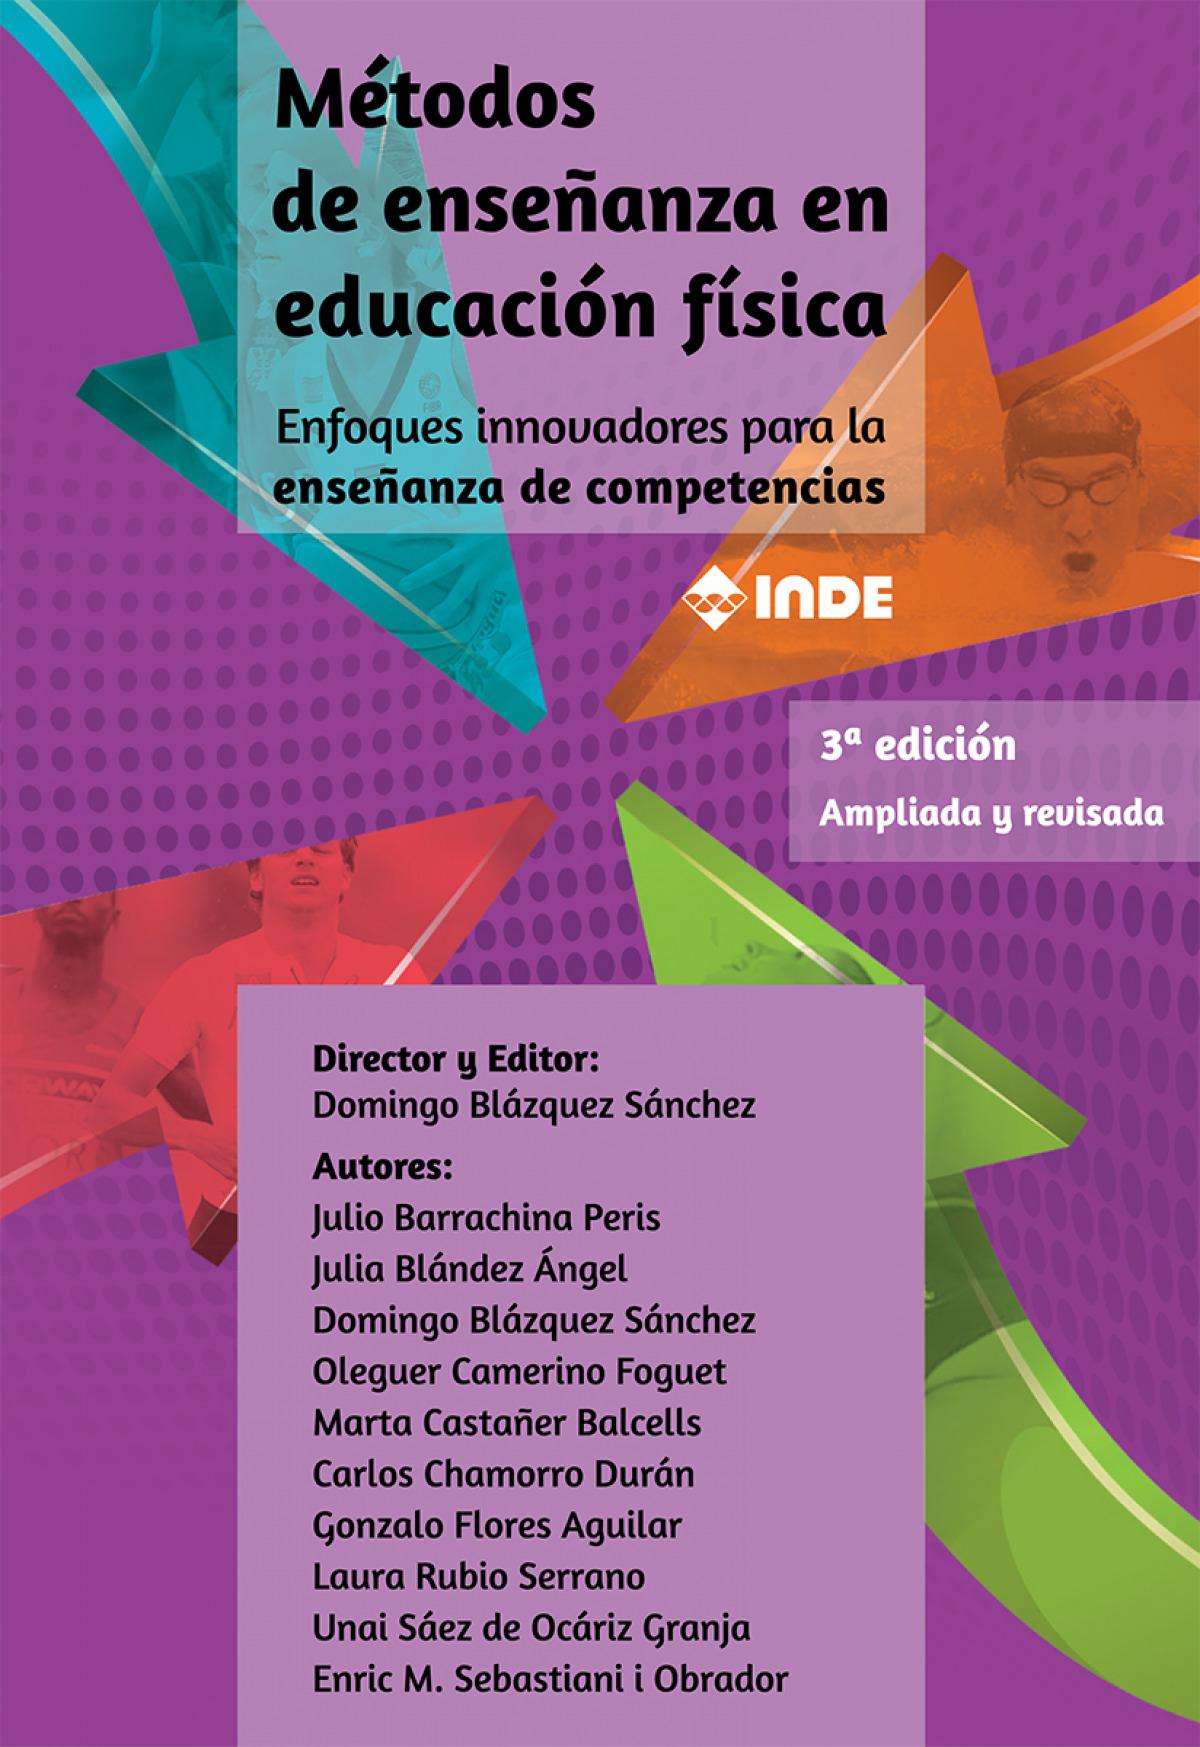 METODOS ENSEÑANZA EDUCACION FISICA 3ºEDIC.AMPLIADA REVISADA